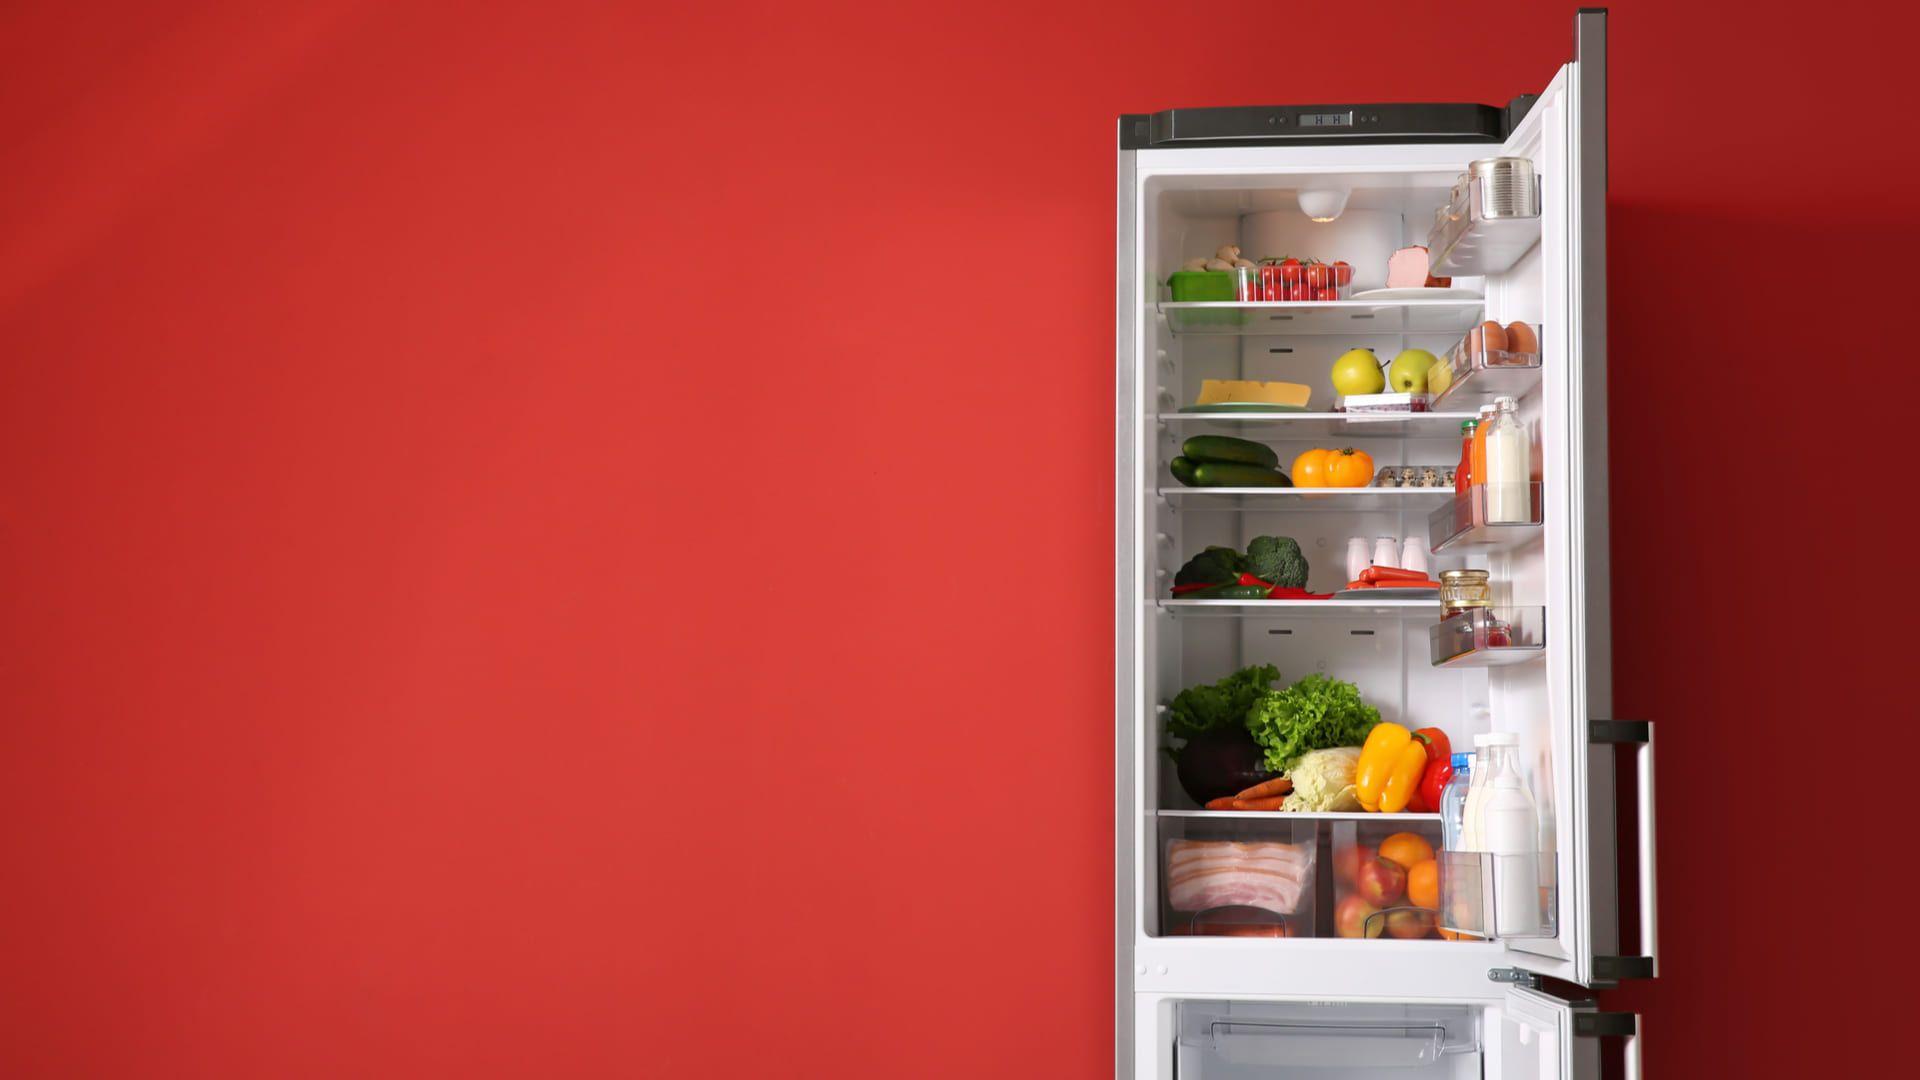 Confira qual o tamanho de geladeira ideal para a sua casa (Imagem: Reprodução/Shutterstock)